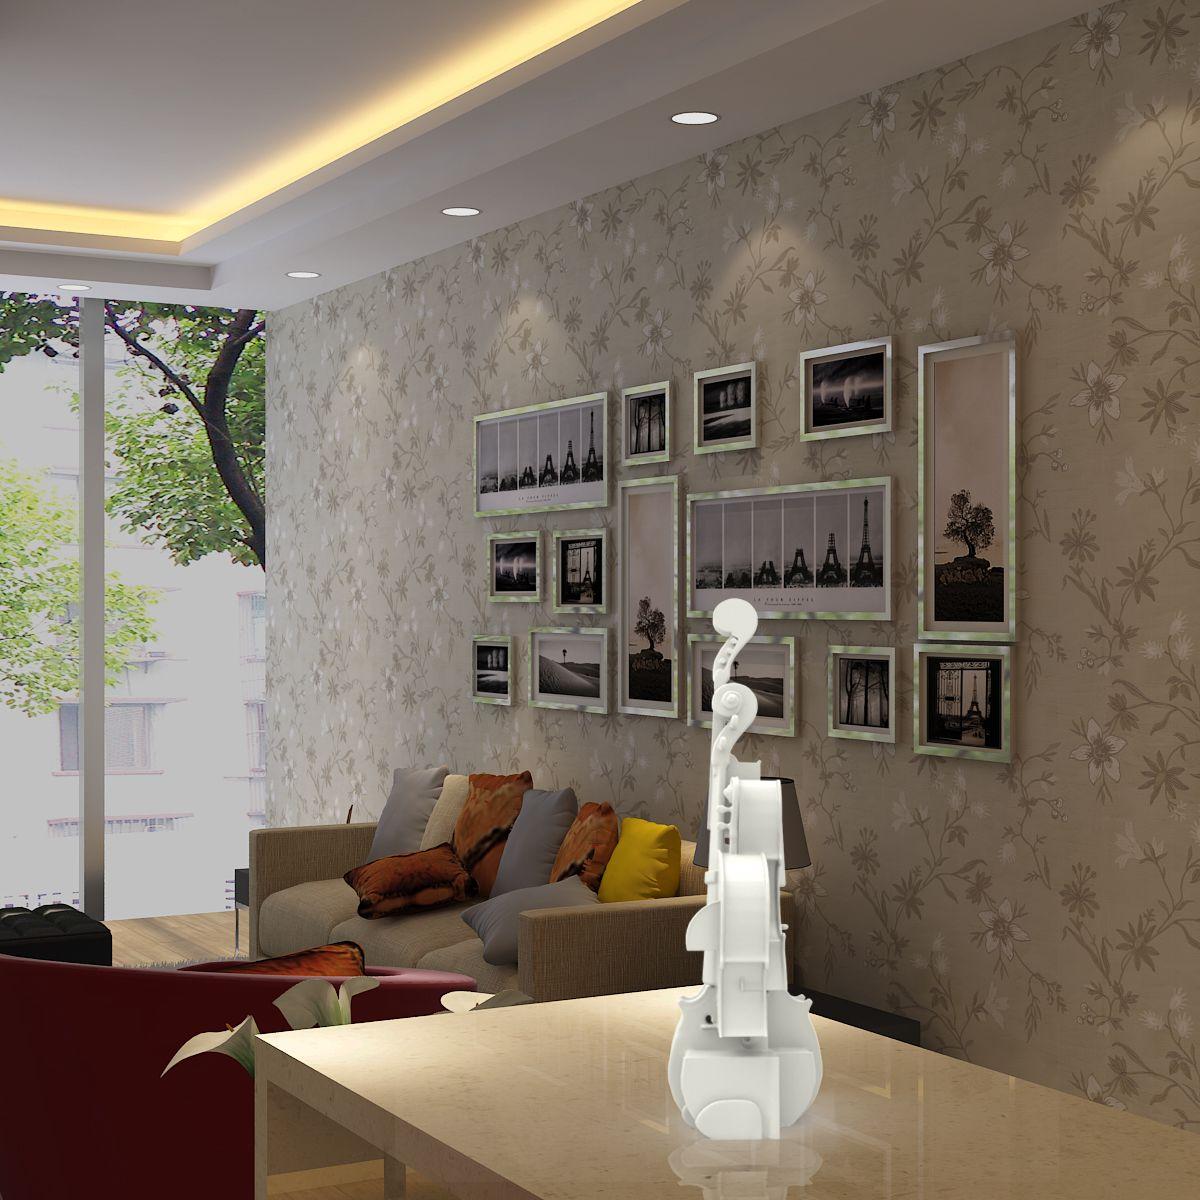 Fantastisch Gro Interieur Design Dreidimensionaler Skulptur Zeitgen Ssisch